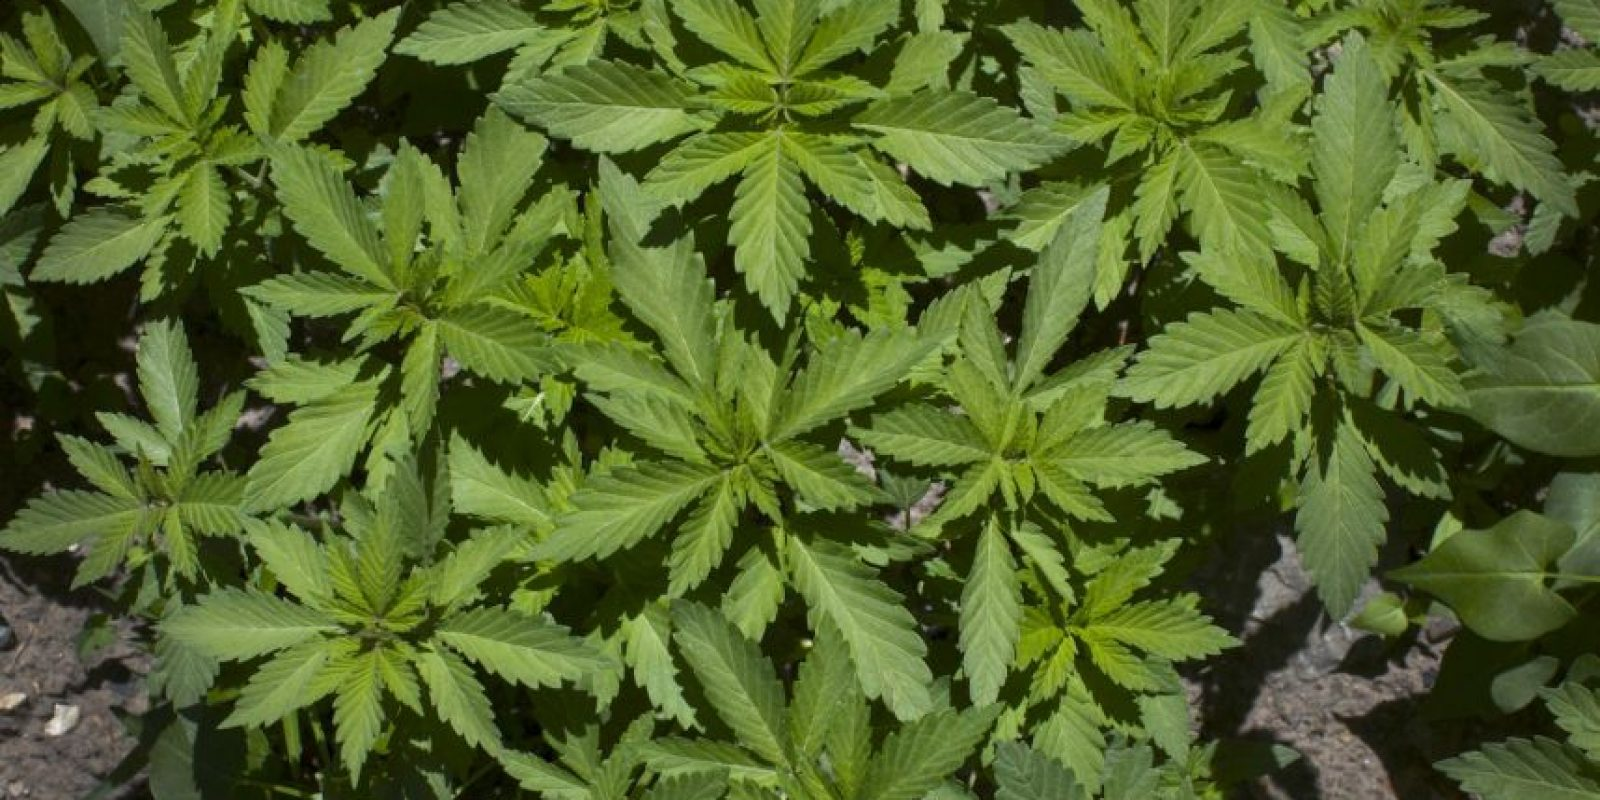 Prohibiciones: Queda prohibido conducir bajo efectos de marihuana. No se podrá fumar en el trabajo o estando a la orden del empleador. Ni en espacios cerrados, deportivos o educativos. Foto:Getty Images